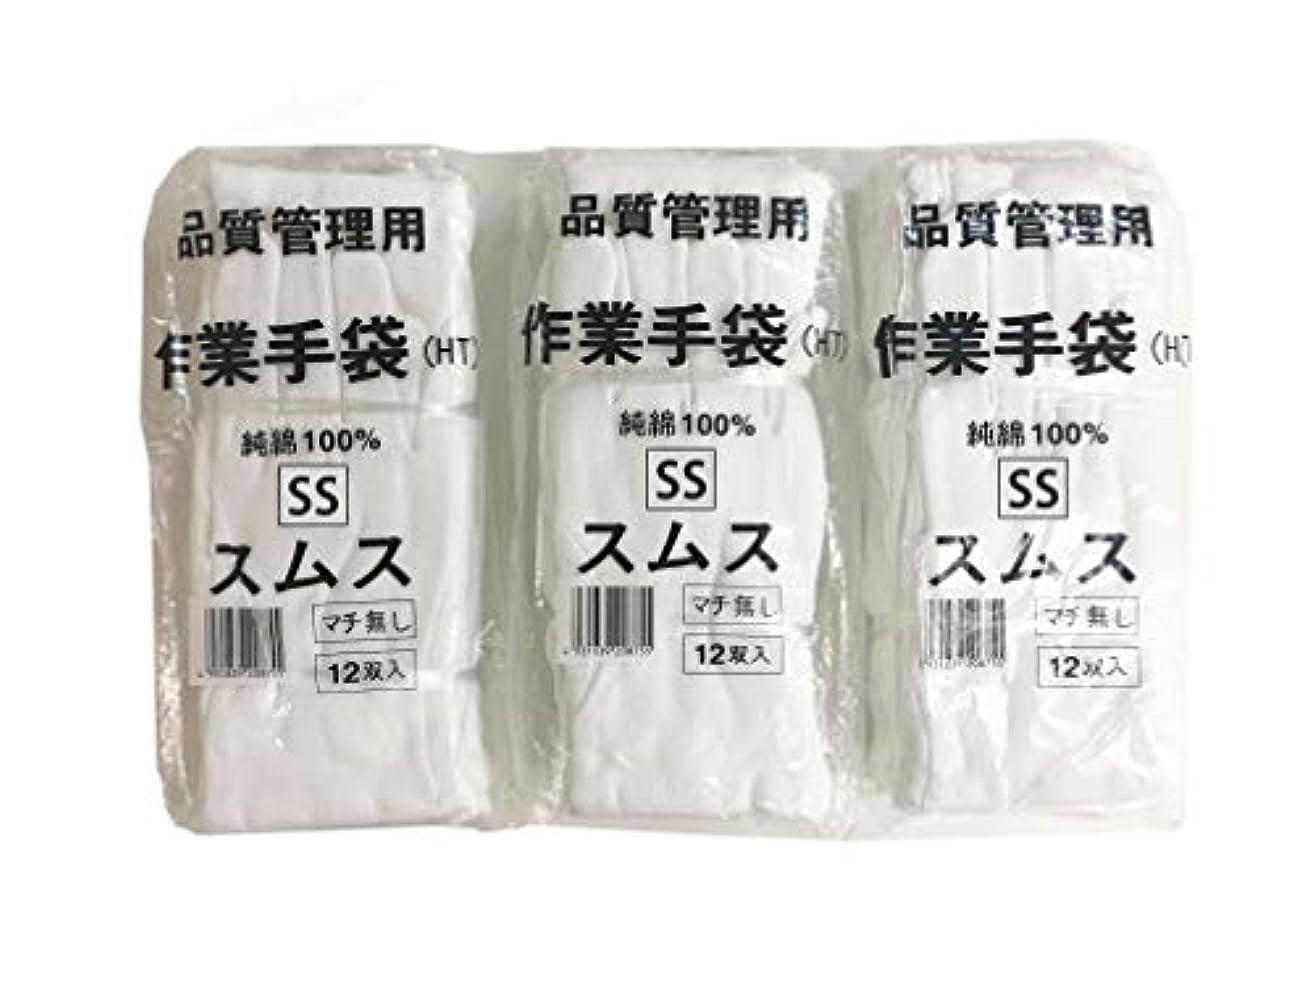 昆虫を見る神社きしむ【お得なセット売り】純綿100% スムス 手袋 SSサイズ 12双×3袋セット 子供?女性に最適 多用途 101112